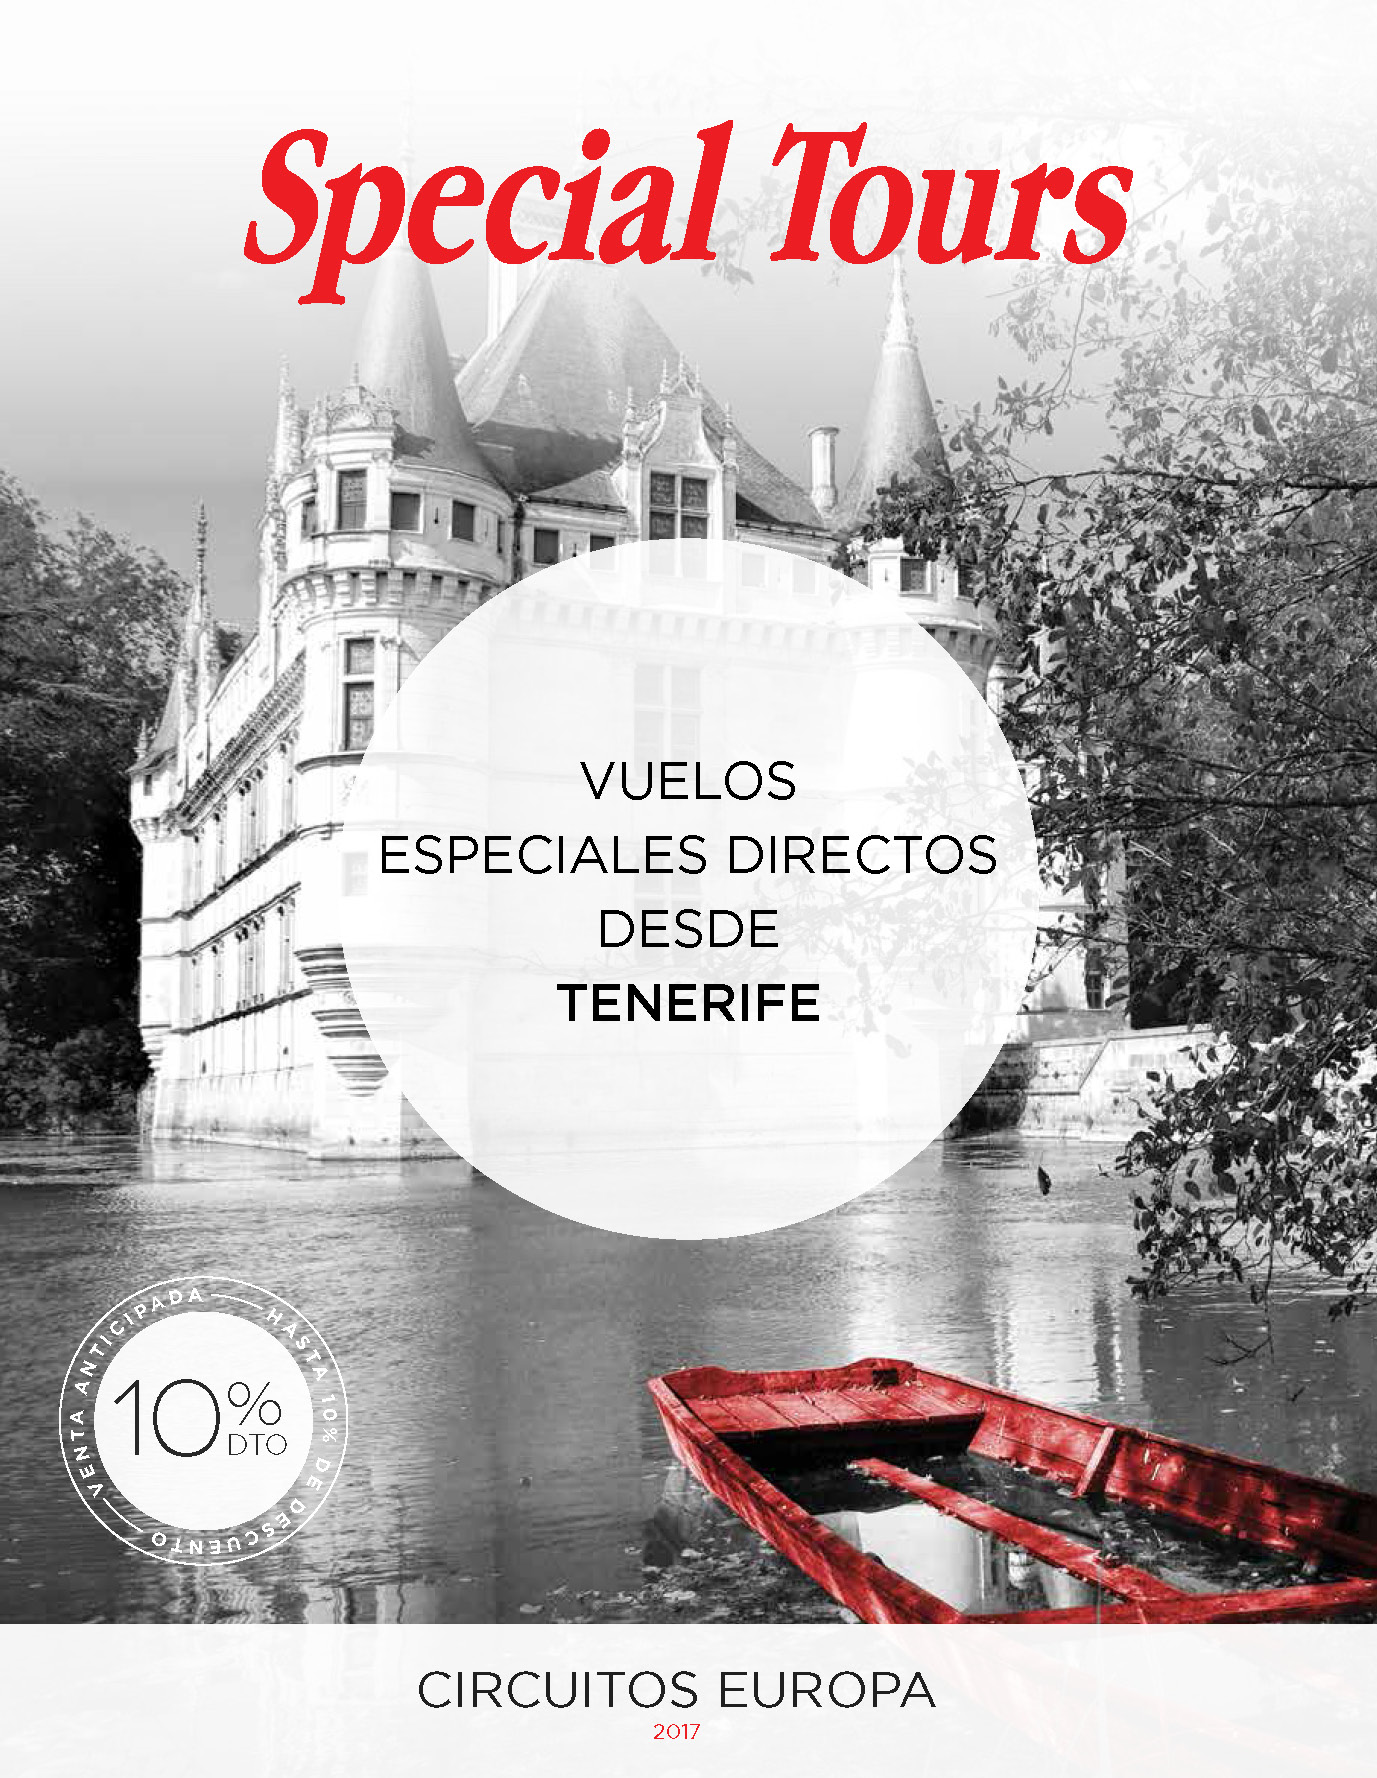 Folleto Special Tours Verano 2017 salidas vuelo directo desde Tenerife